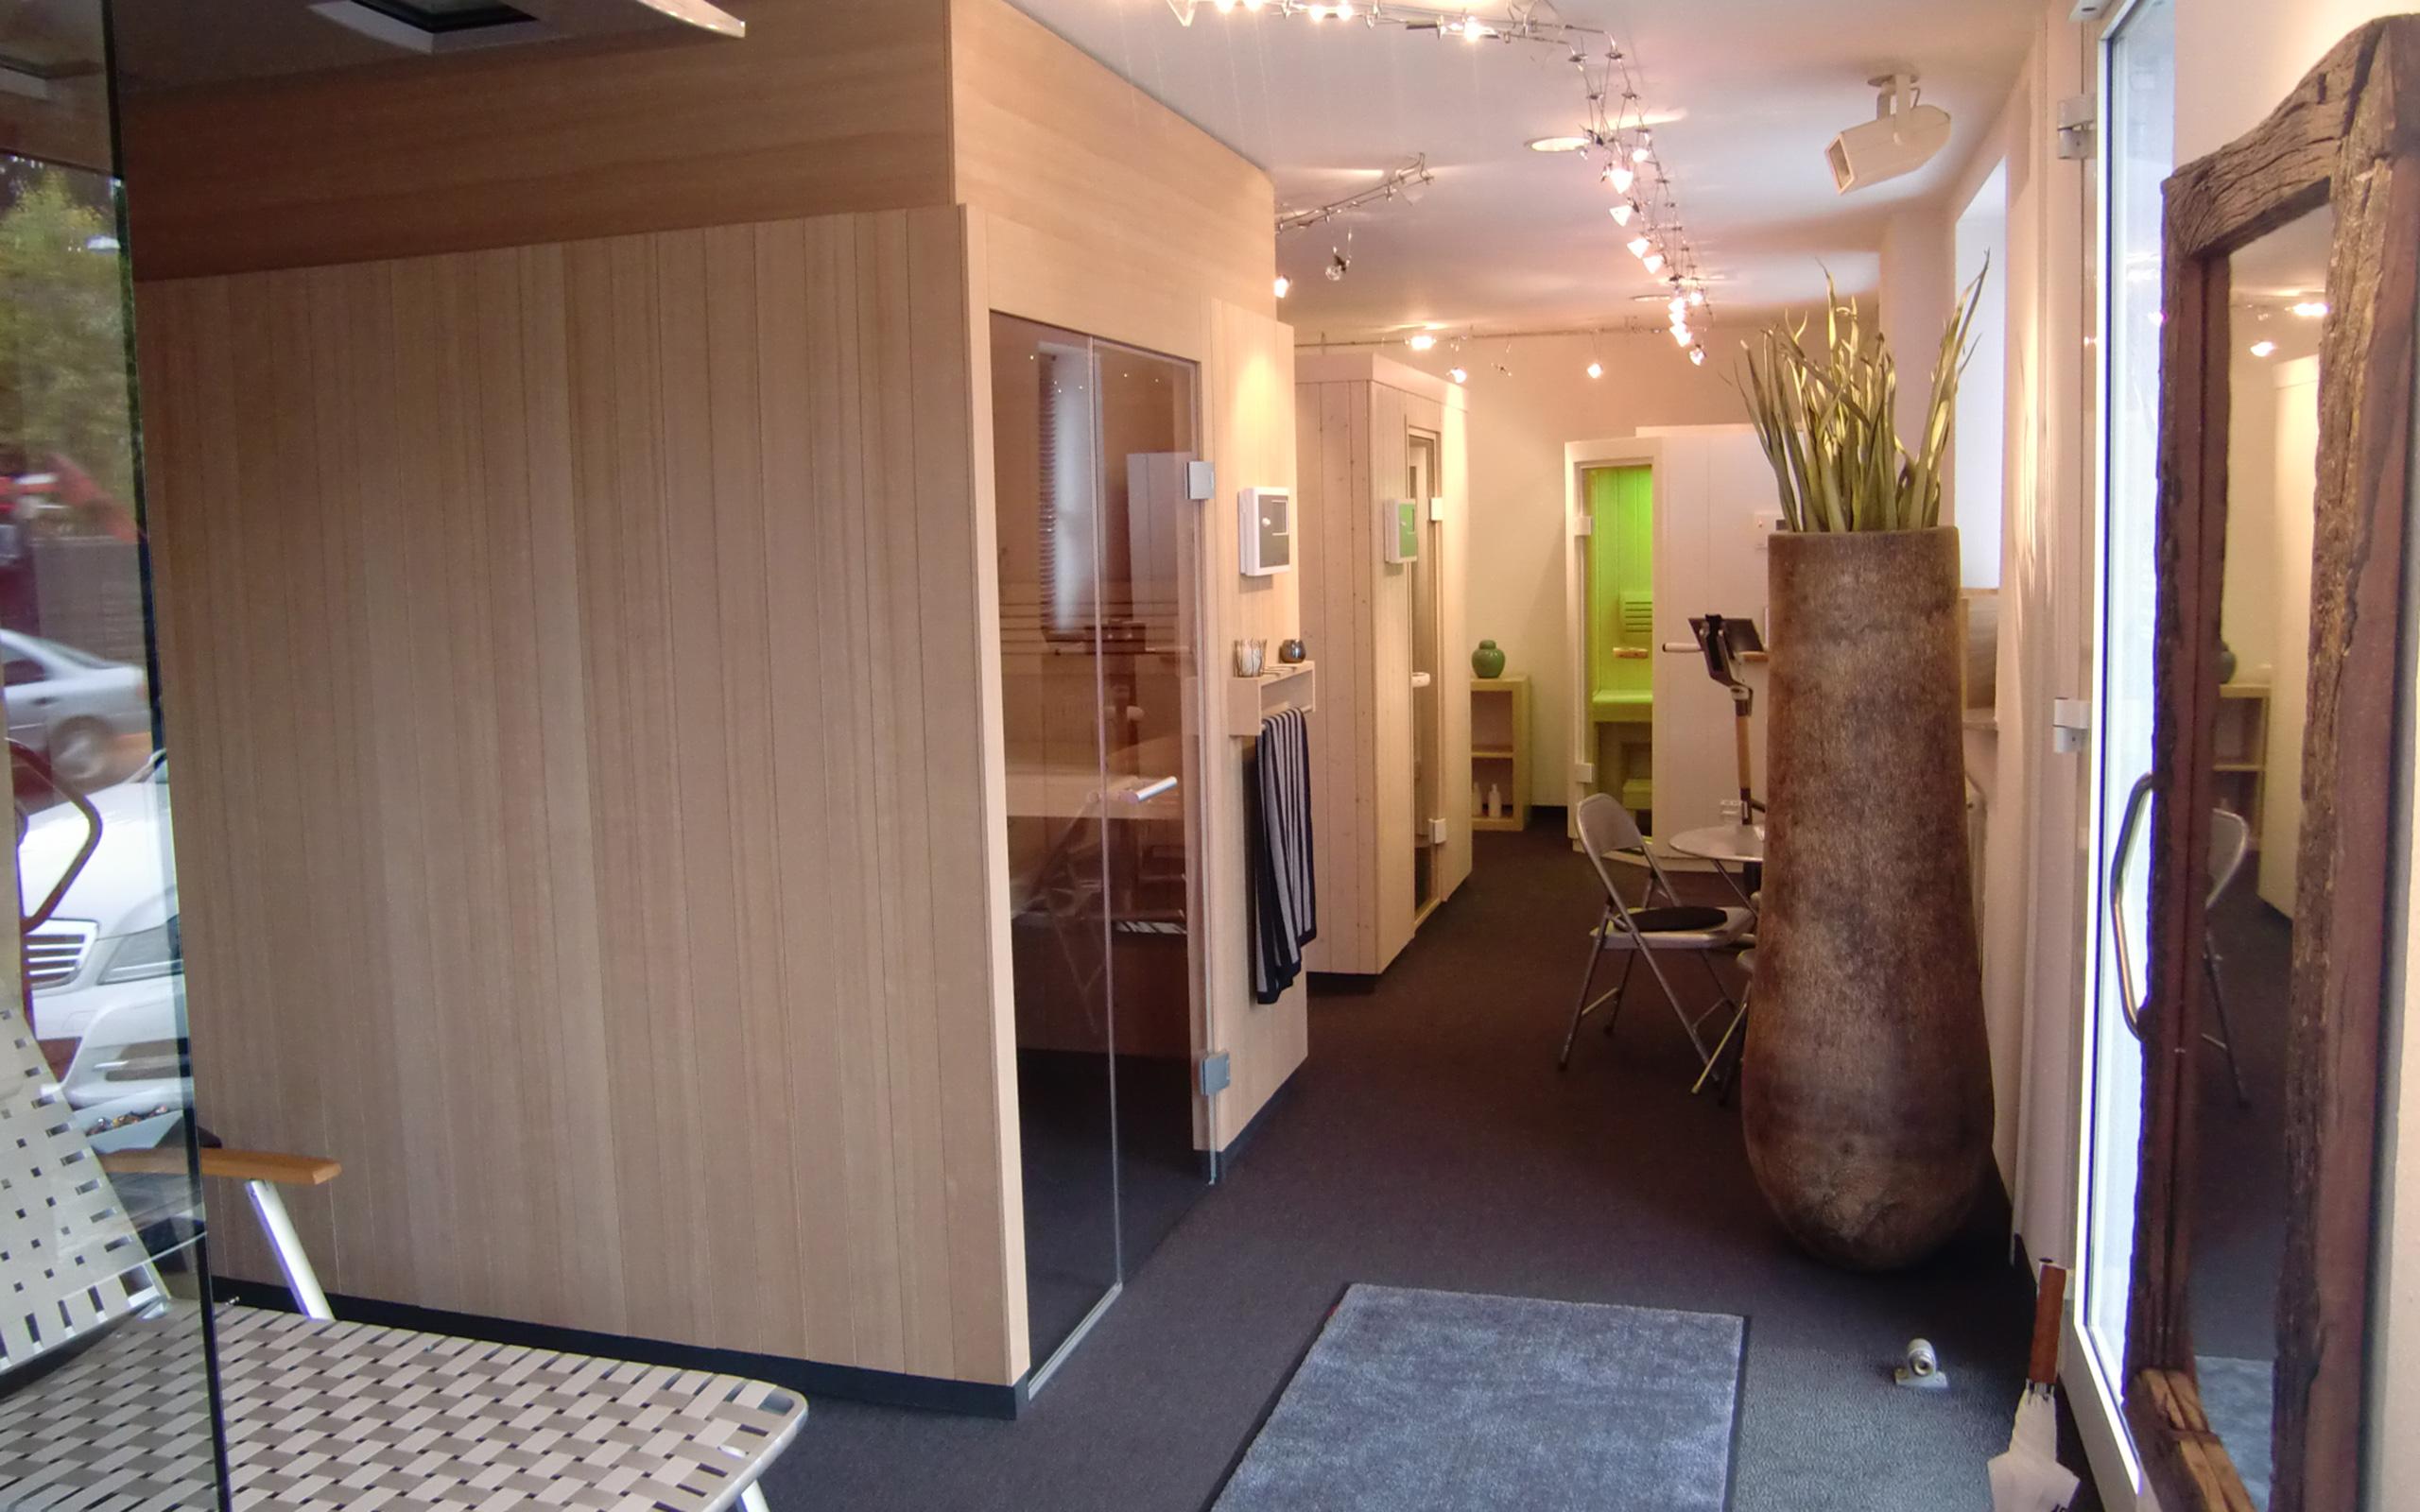 Full Size of Sauna Kaufen Klafs Ausstellung In Nrnberg Küche Ikea Gebrauchte Bett Günstig Sofa Verkaufen Online Mit Elektrogeräten Betten 180x200 140x200 Bad Outdoor Wohnzimmer Sauna Kaufen